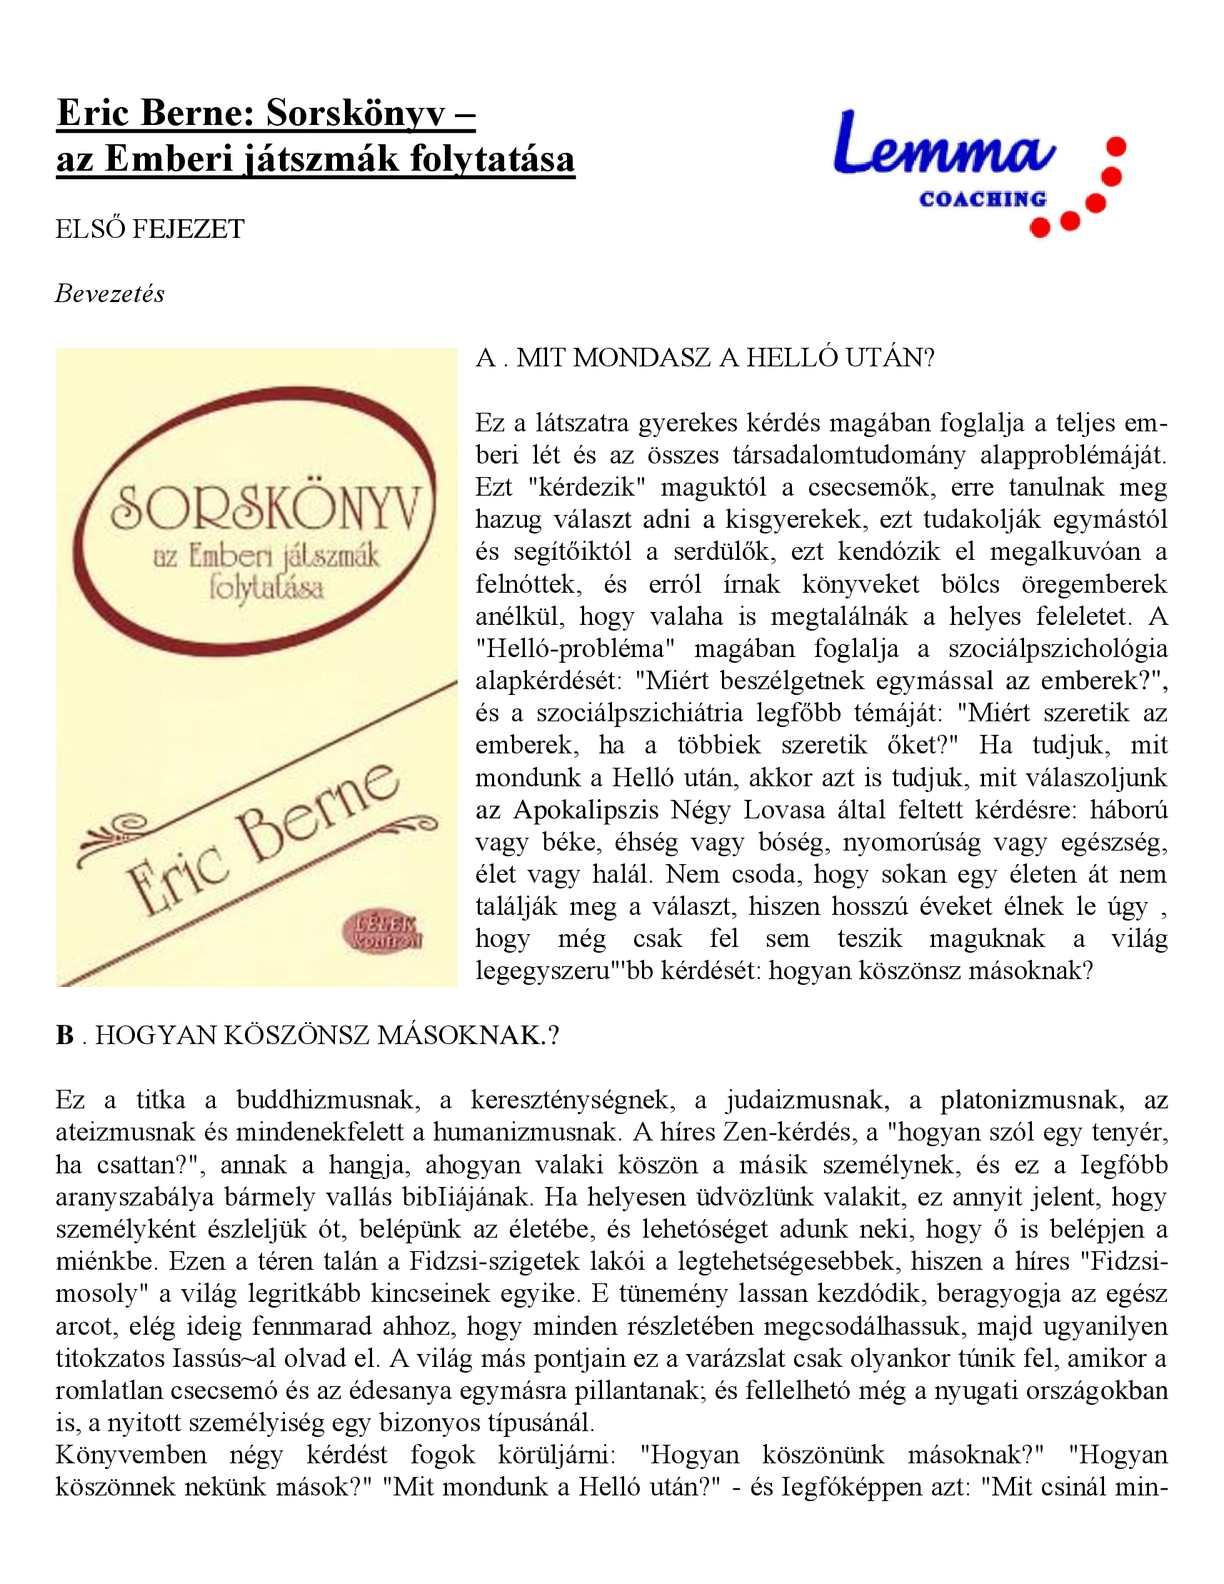 Calaméo - Eric Berne - Sorskönyv 162e9780f4